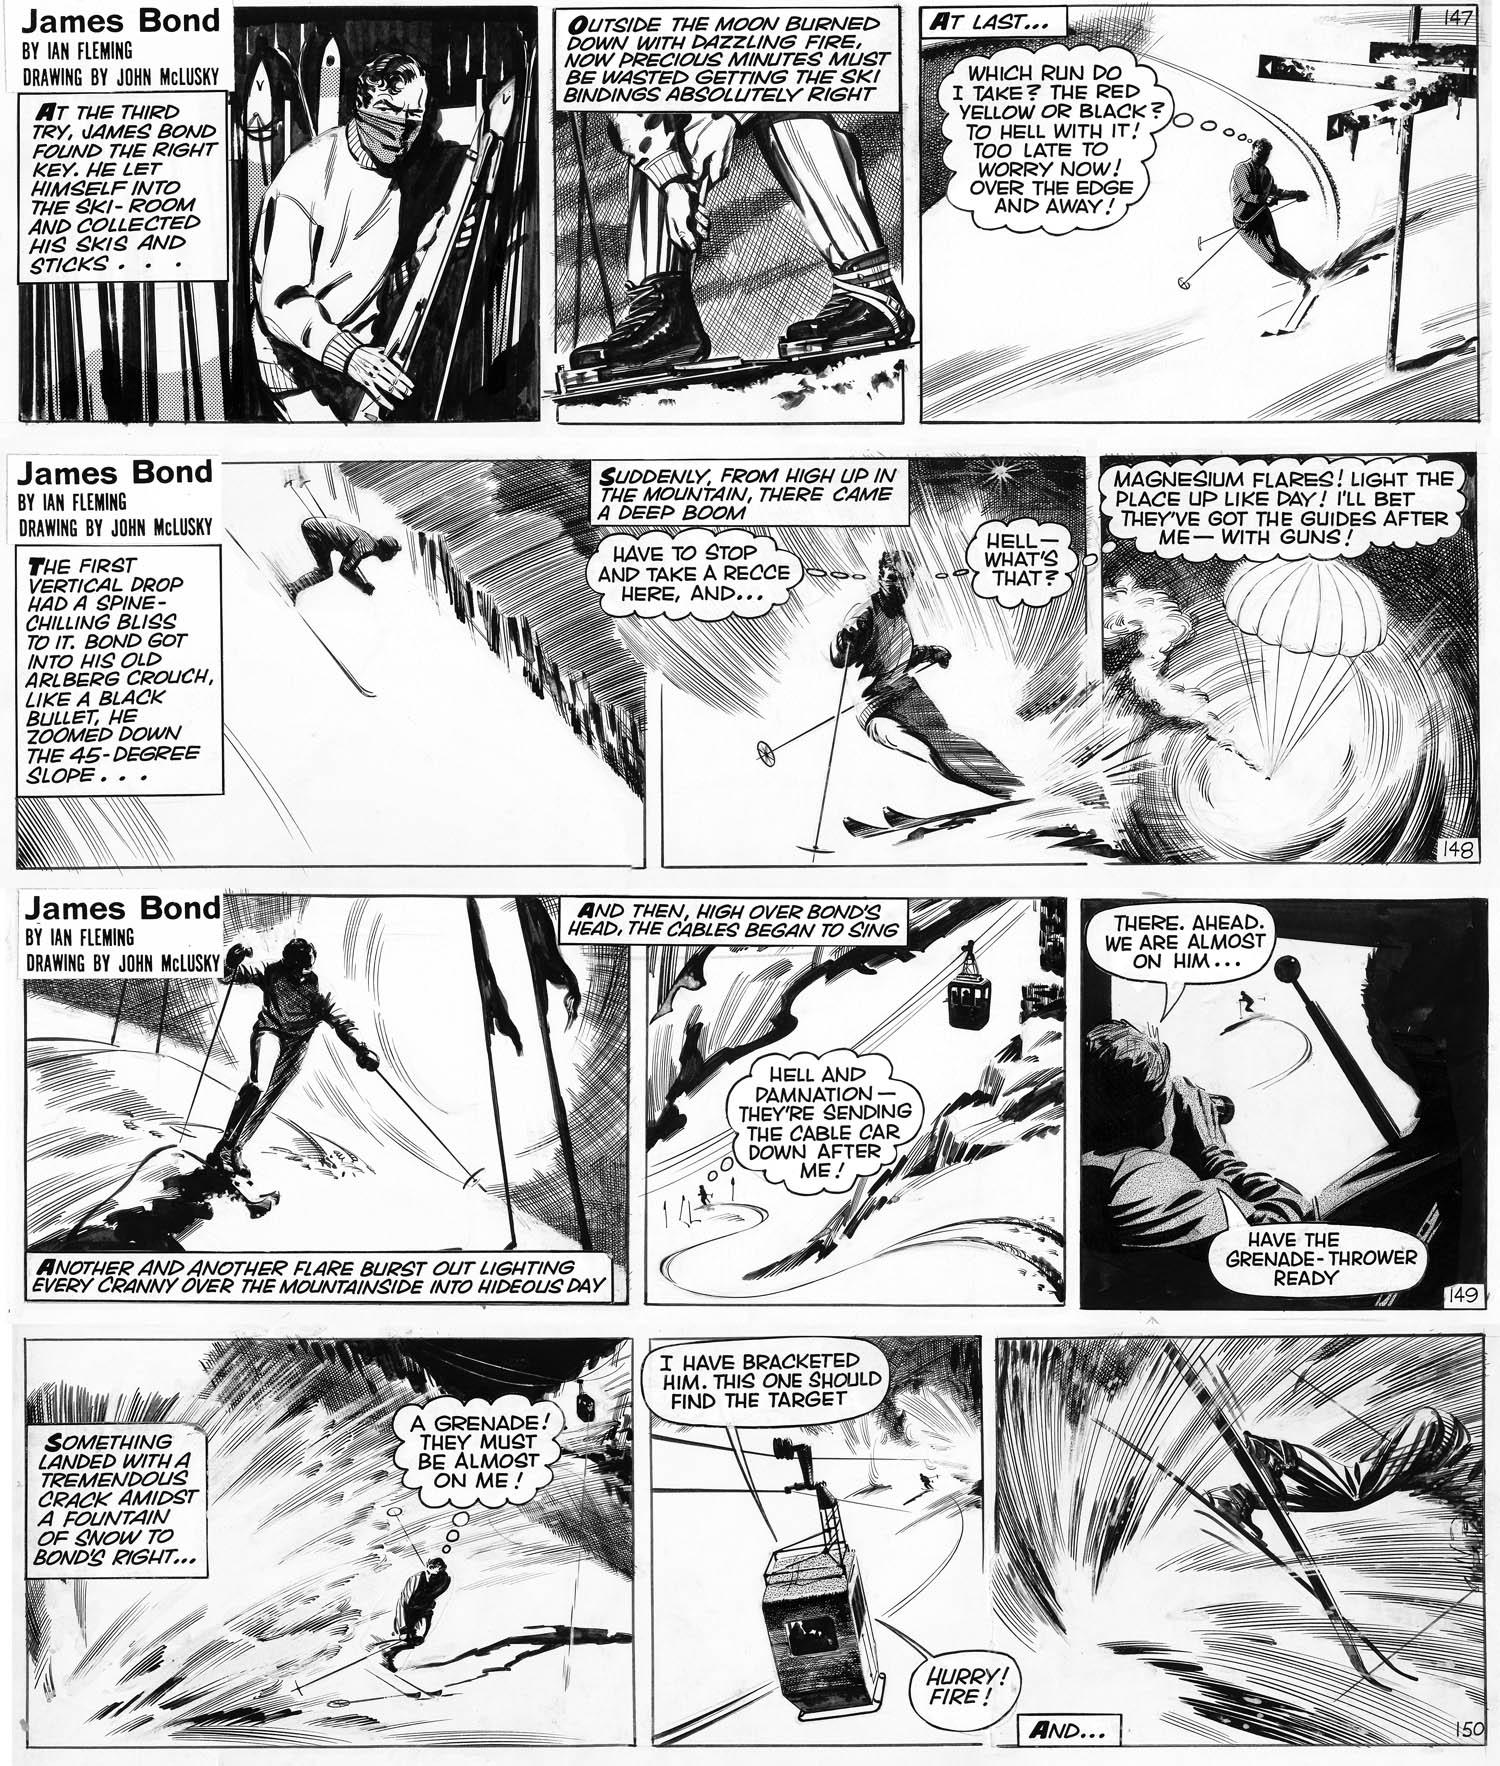 """Extrait de """"Au Service Secret de Sa Majesté"""" par H. Gammidge et J. McLusky (nov. 1964)"""